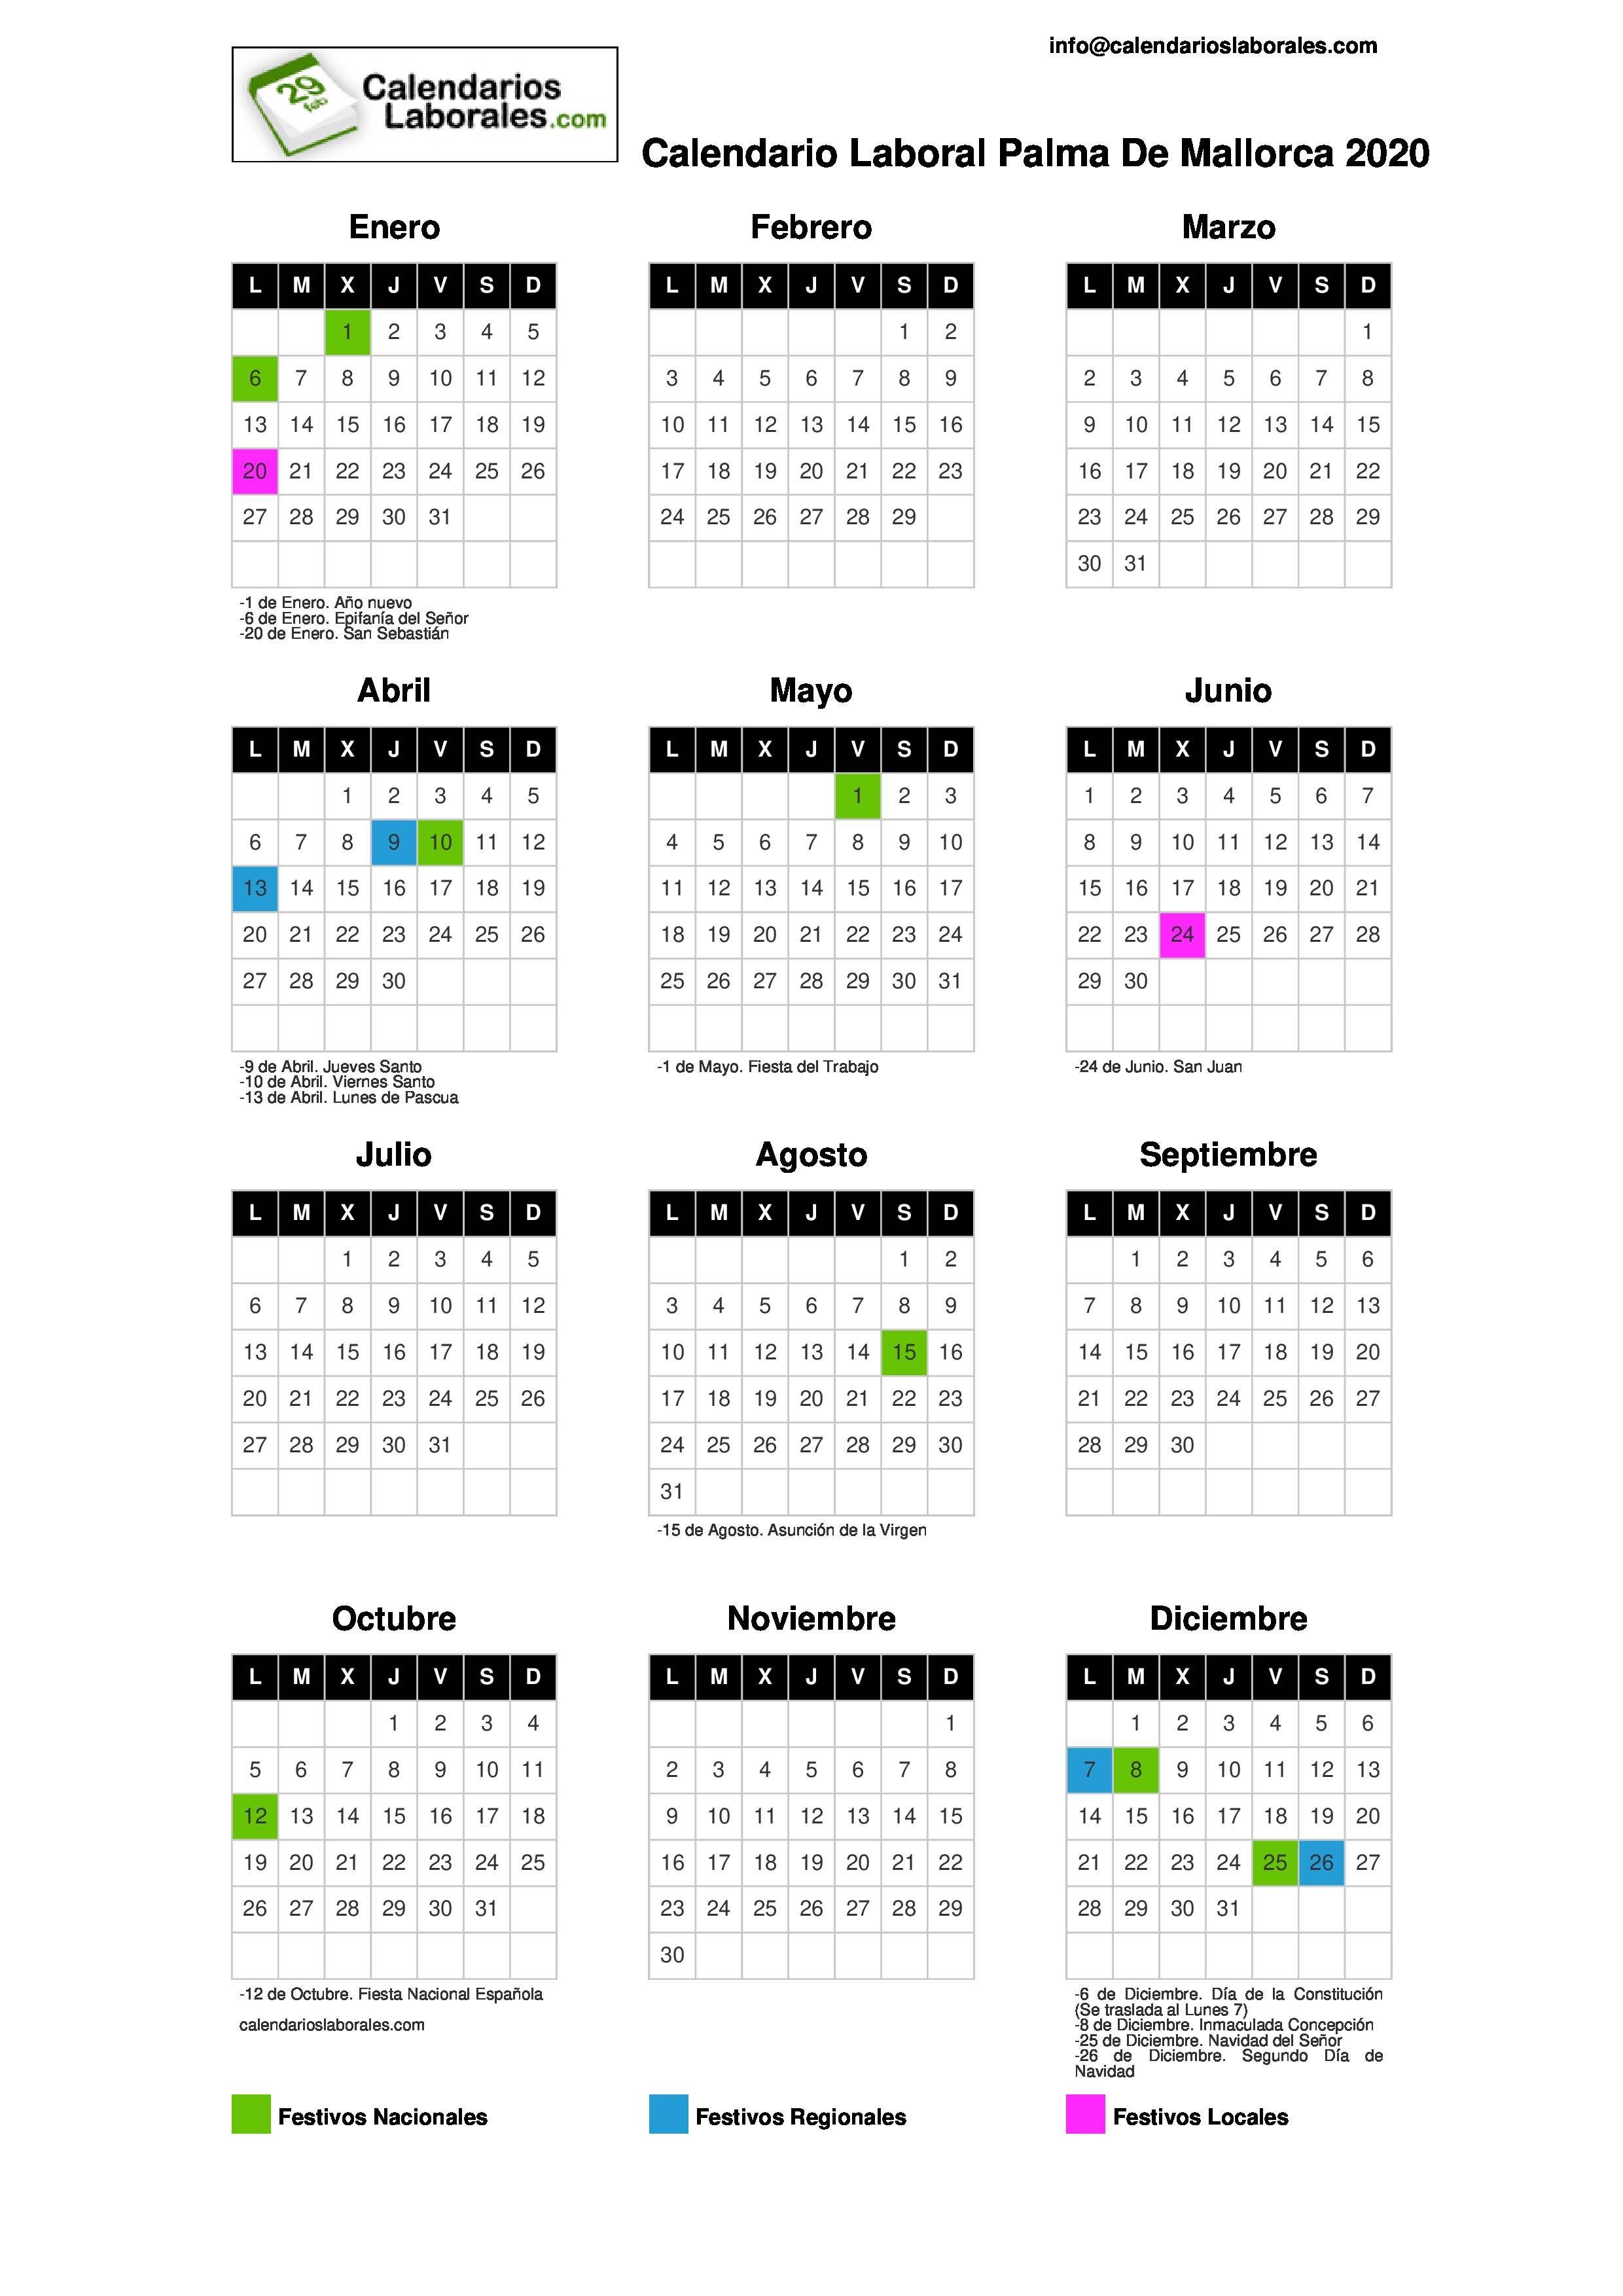 Calendario Laboral 2020 Palma De Mallorca.Calendario Laboral Palma De Mallorca 2020